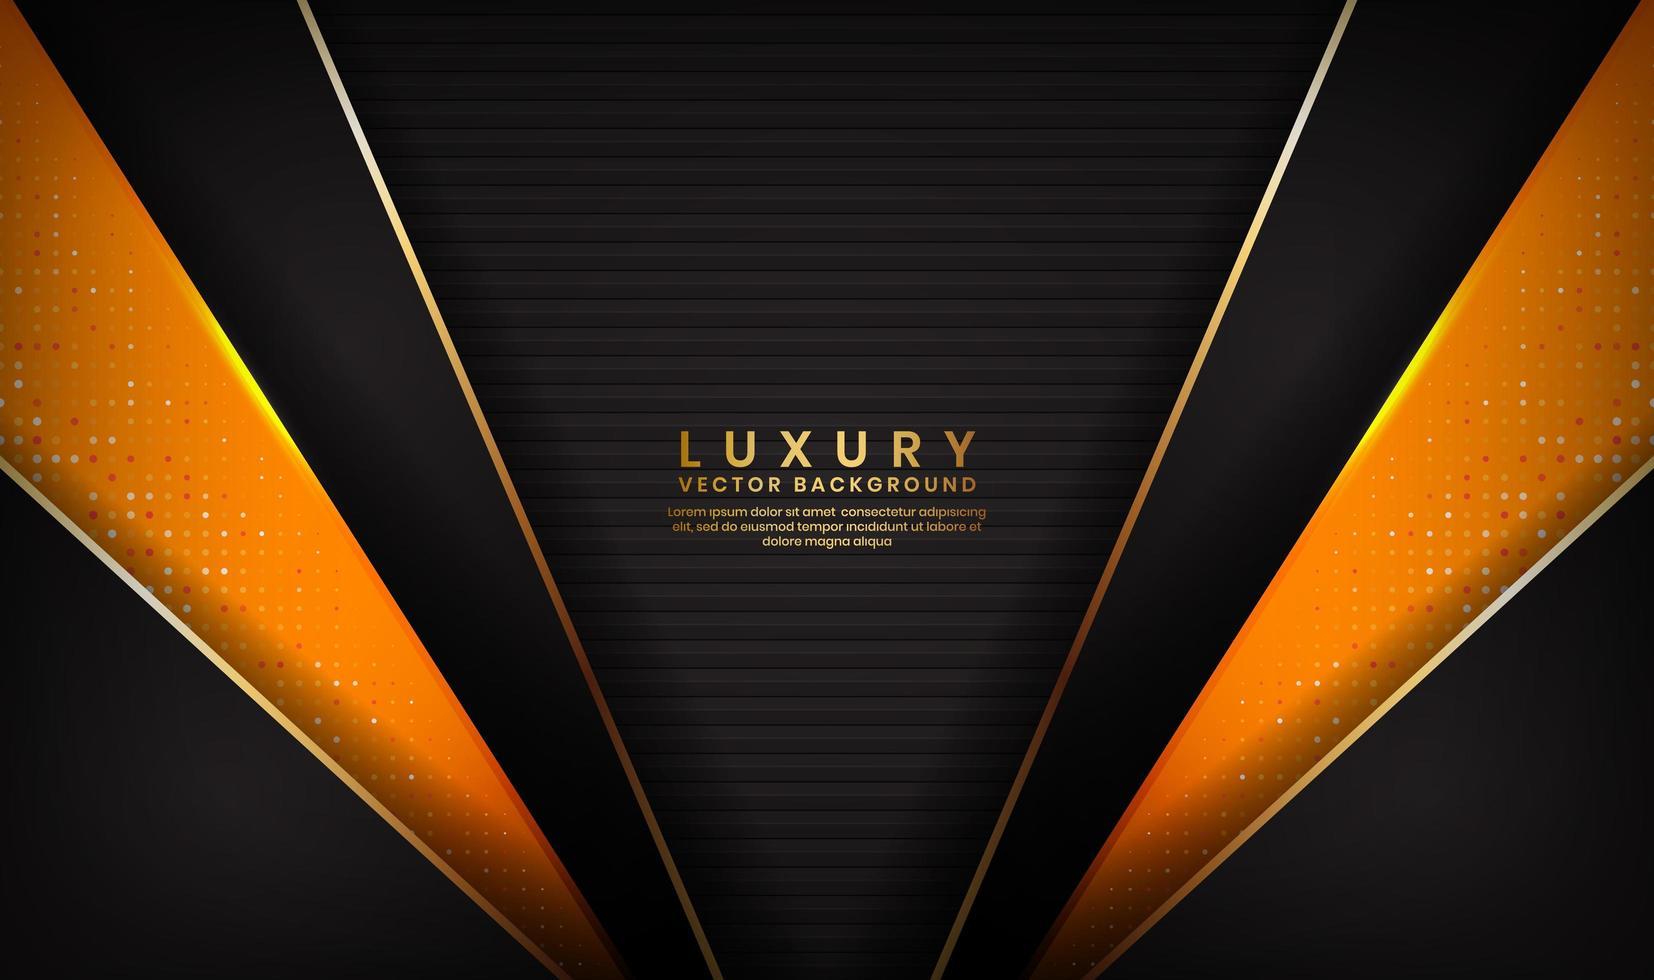 abstrakter Luxus schwarz und orange Hintergrund mit goldenen Linien vektor